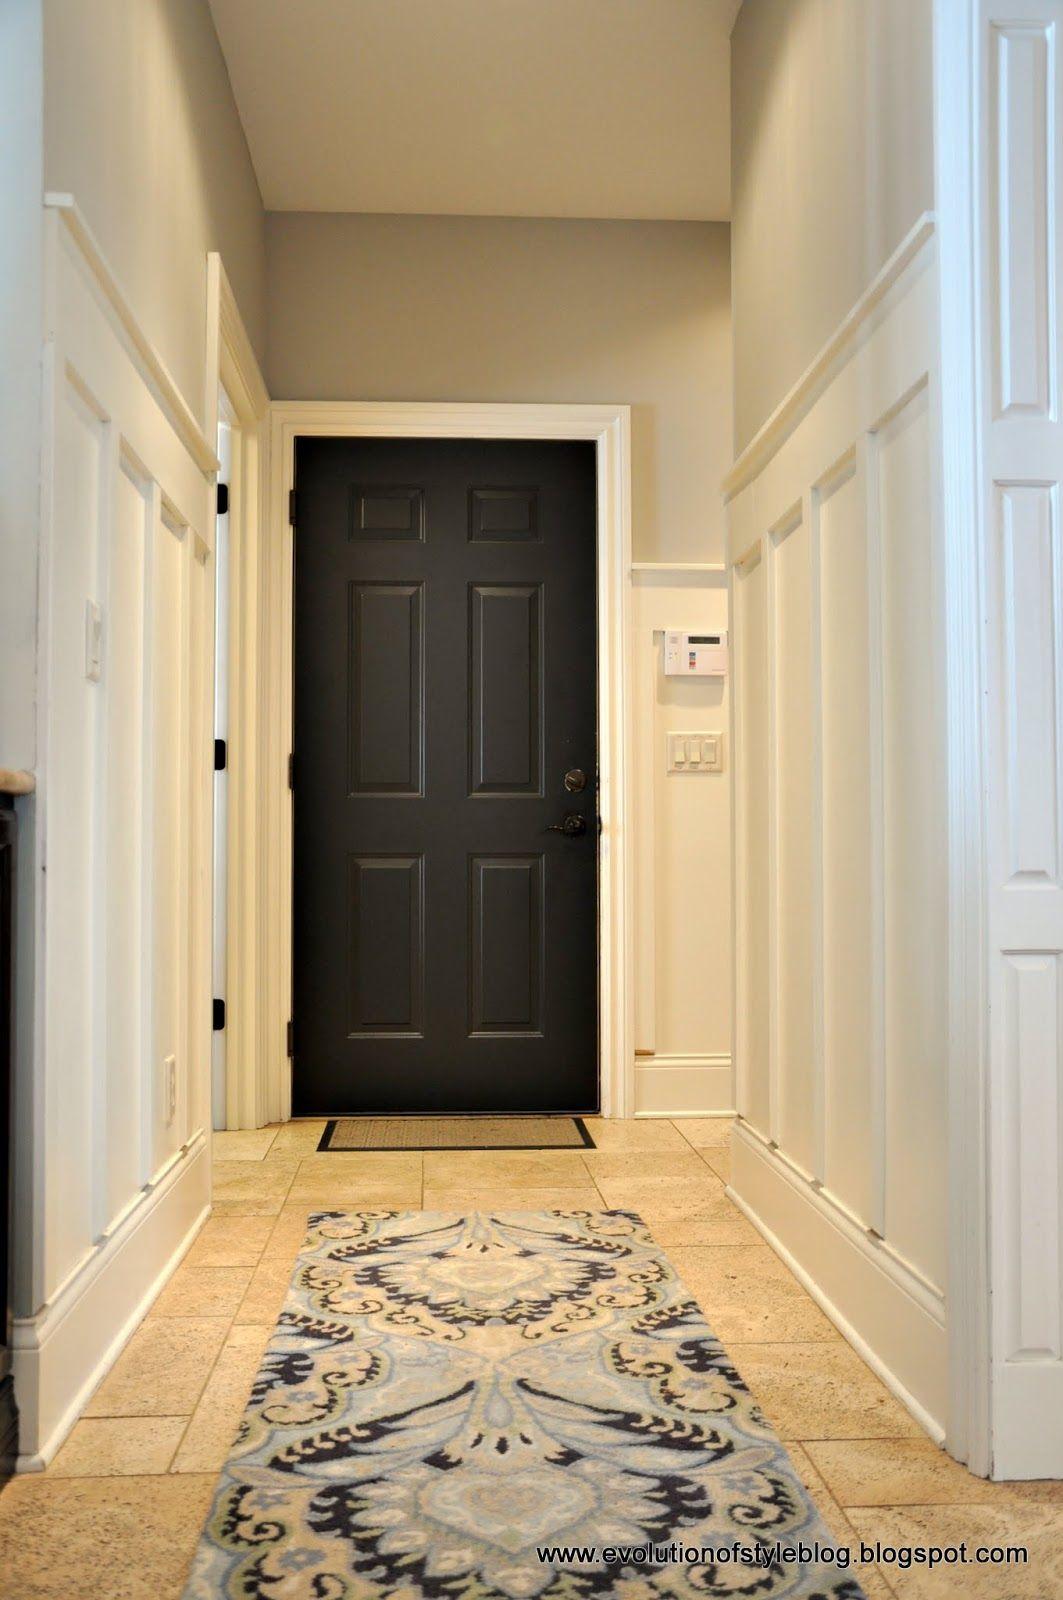 Esszimmer ideen mit grauen wänden benjamin moore revere pewter walls and porter paintsvelvet white